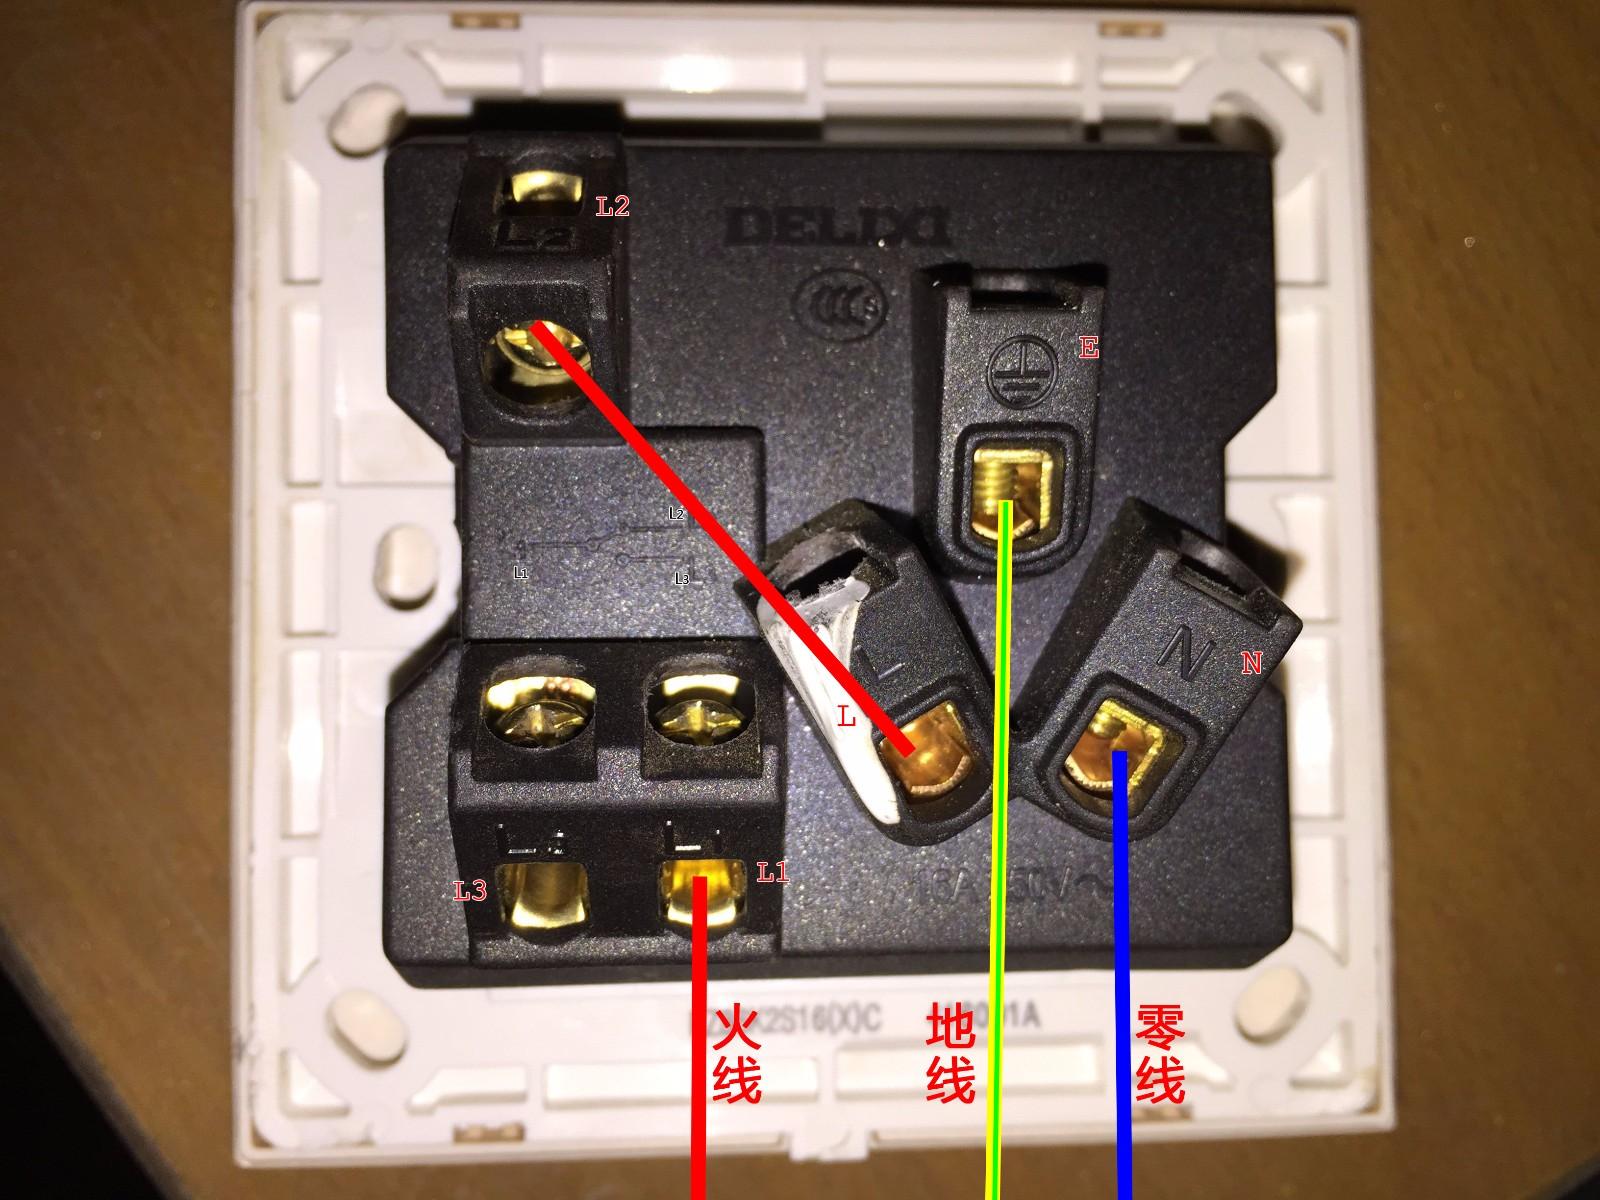 火线接开关l1,开关l2接插座l,零线接插座n,地线接插座e(圈中带一竖三